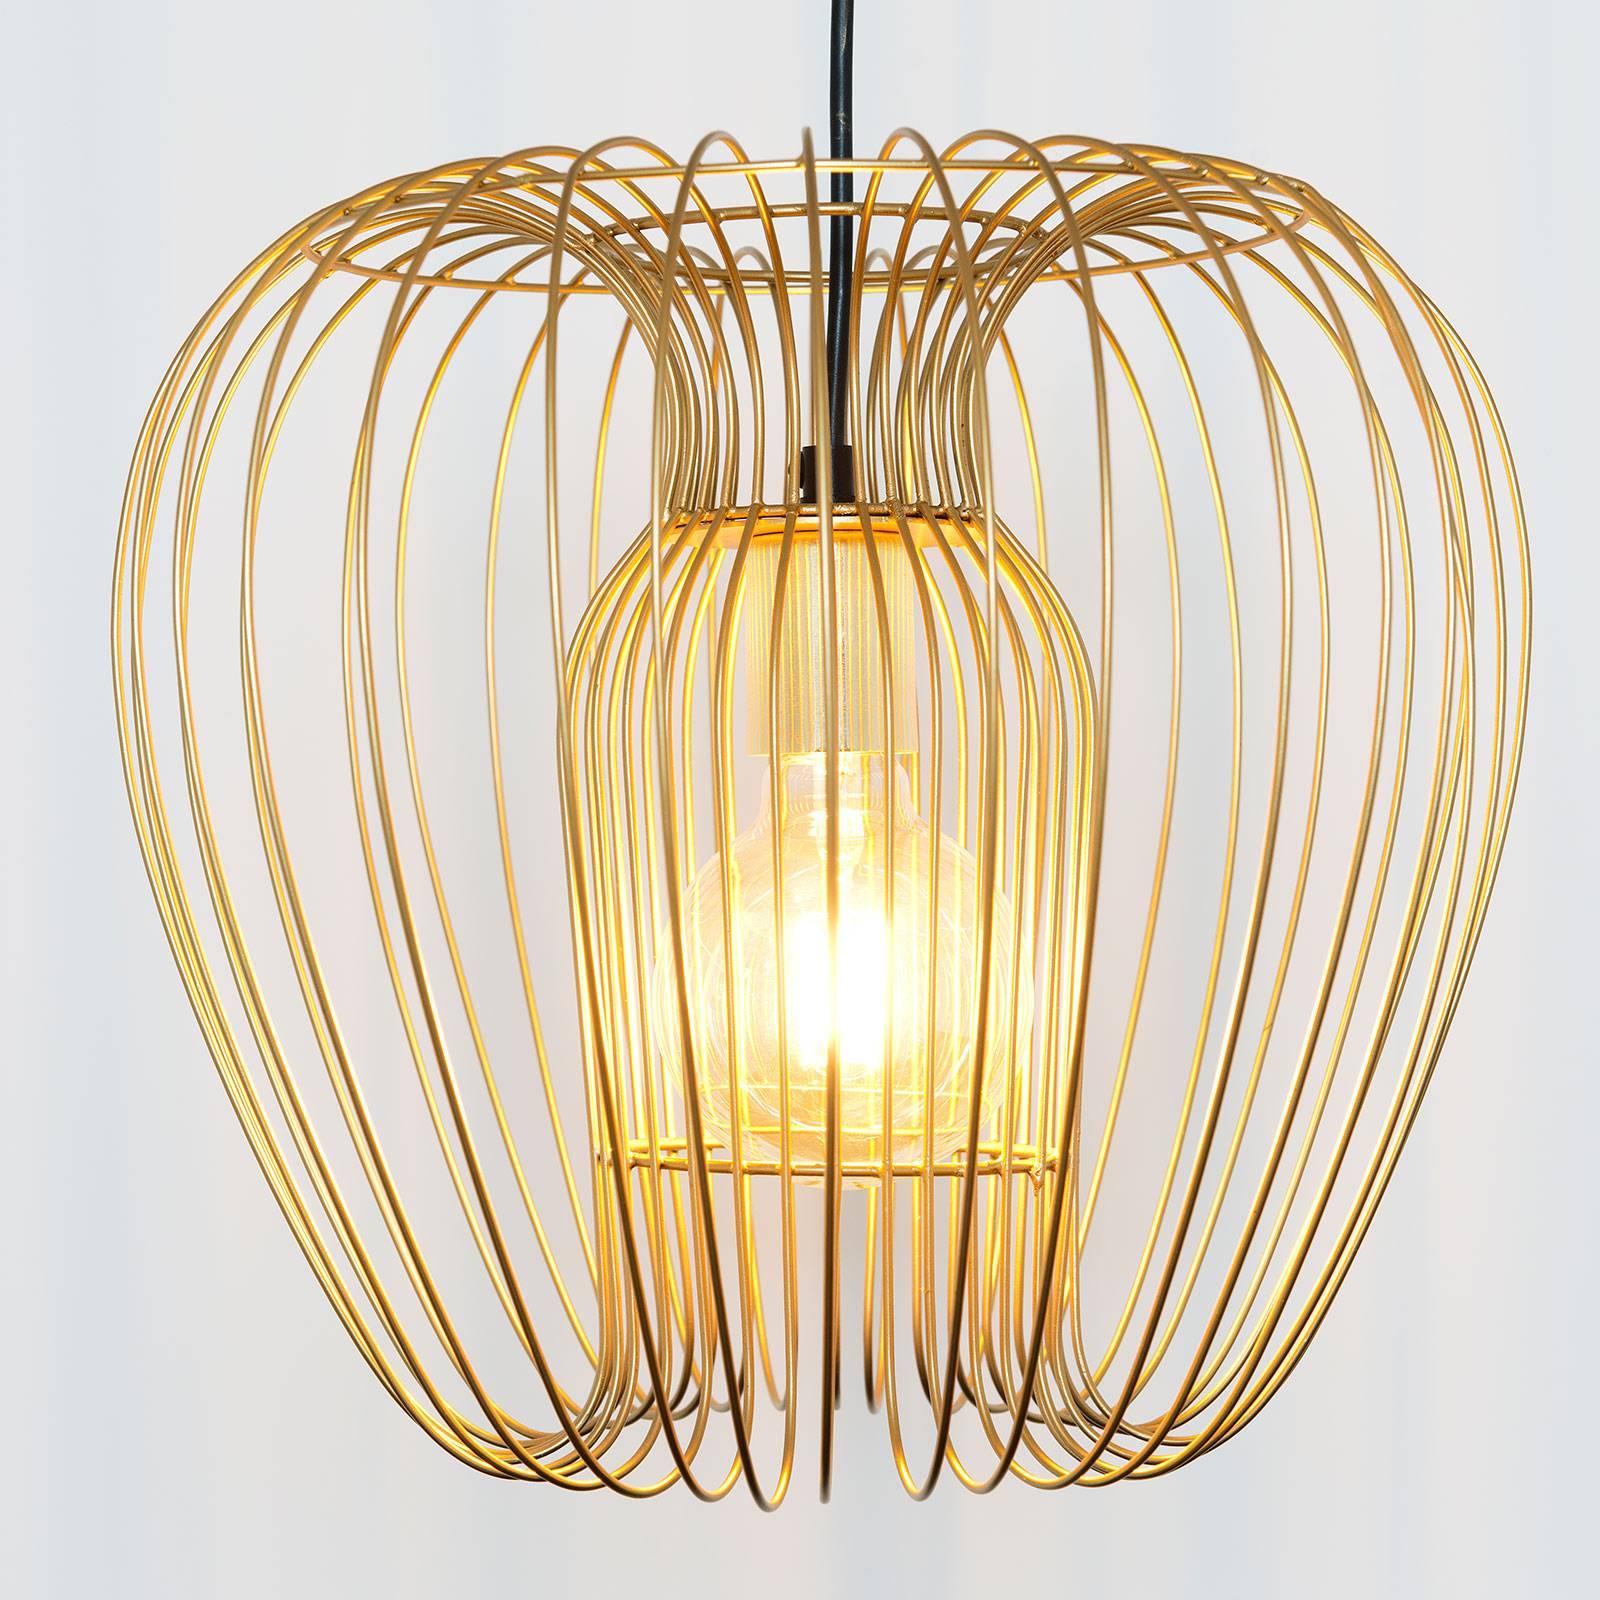 Hanglamp Protetto, goud, Ø 34 cm